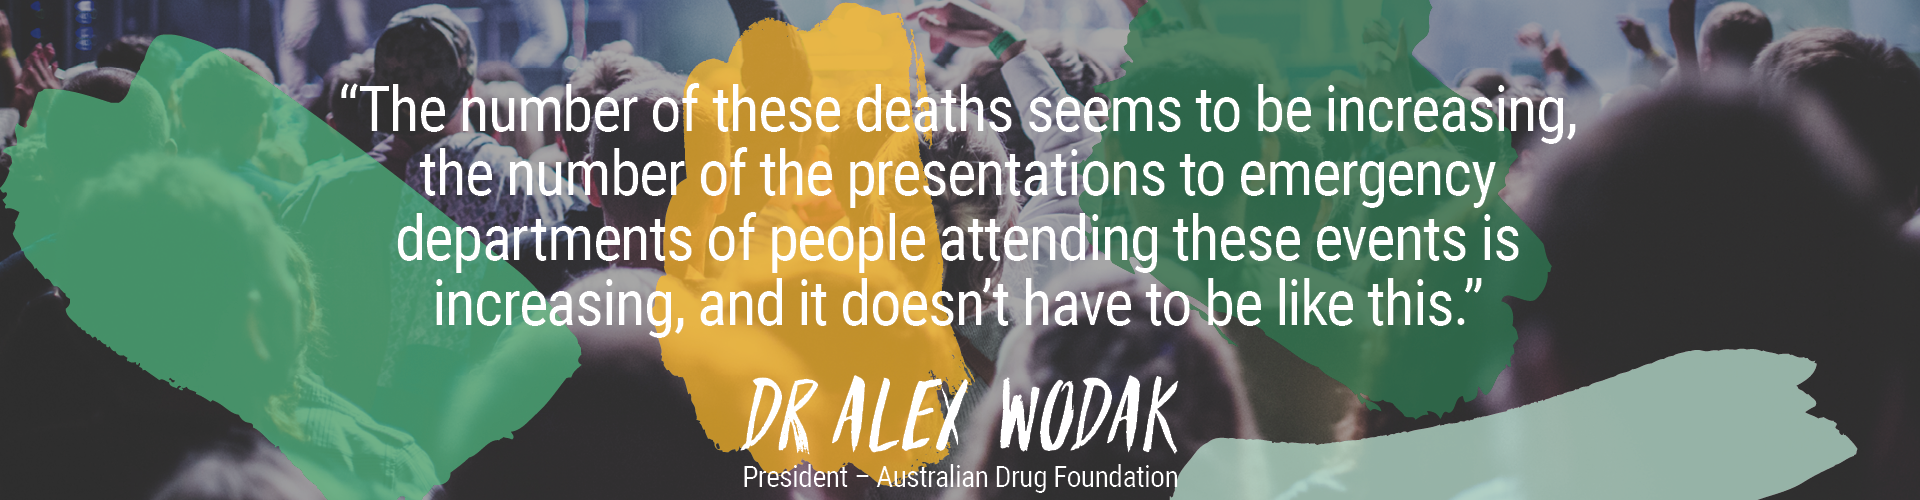 Dr Alex Wodak